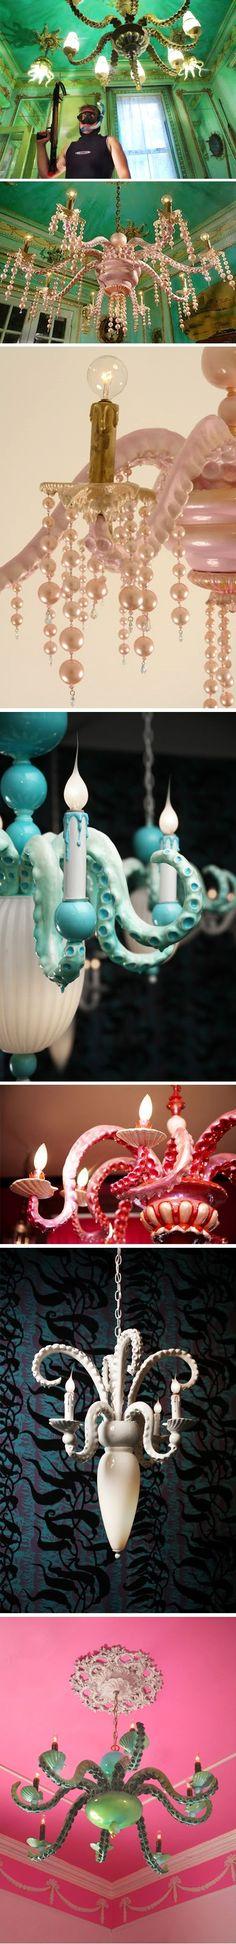 the jealous curator- chandelier by MissTuna